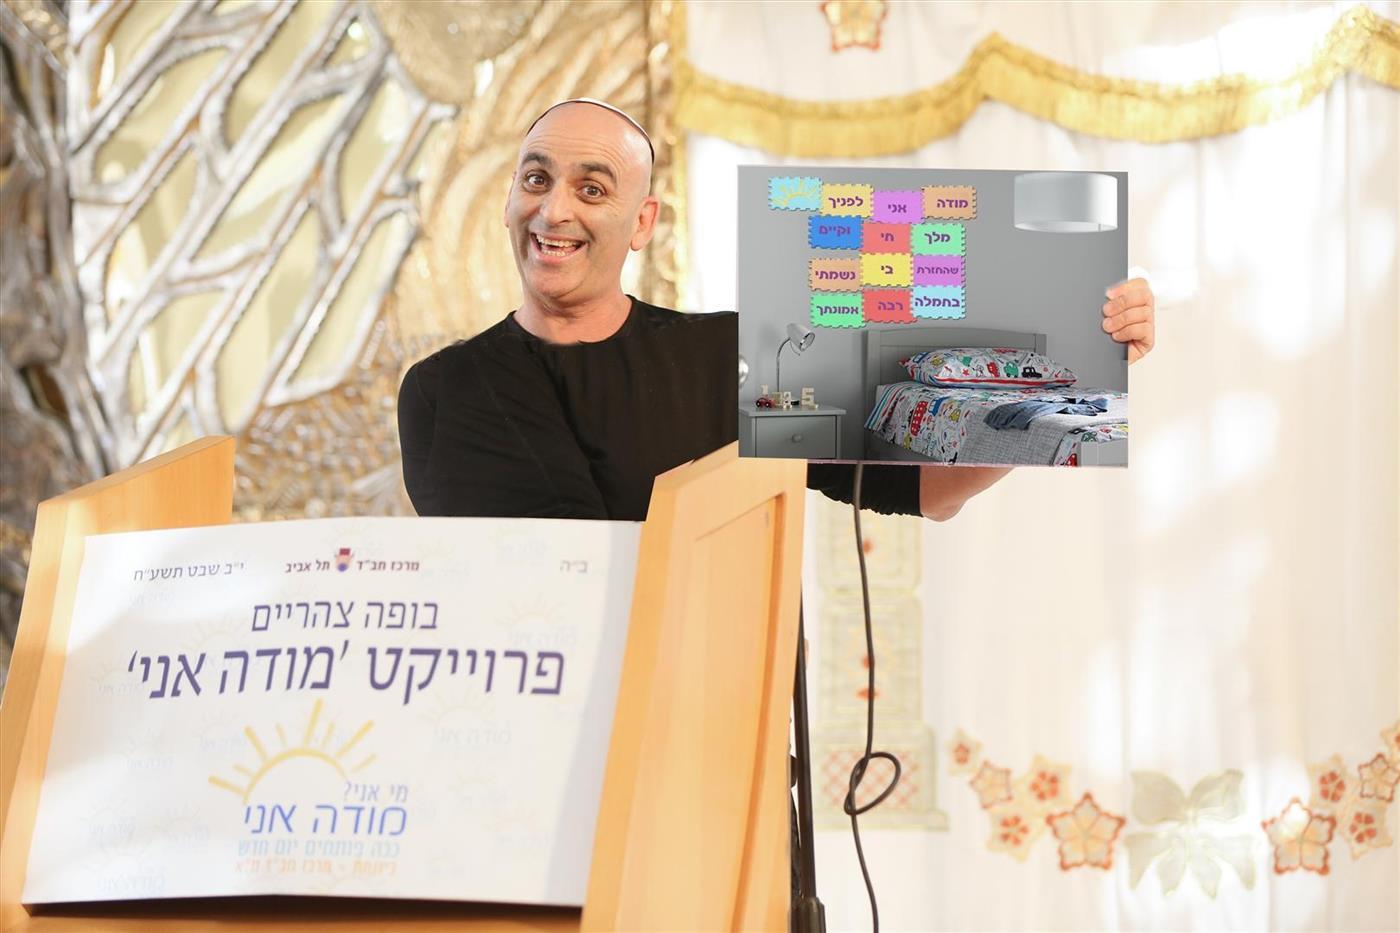 יובל  שם טוב (יובל המבולבל) באירוע (צילום: ישראל בליזובסקי)